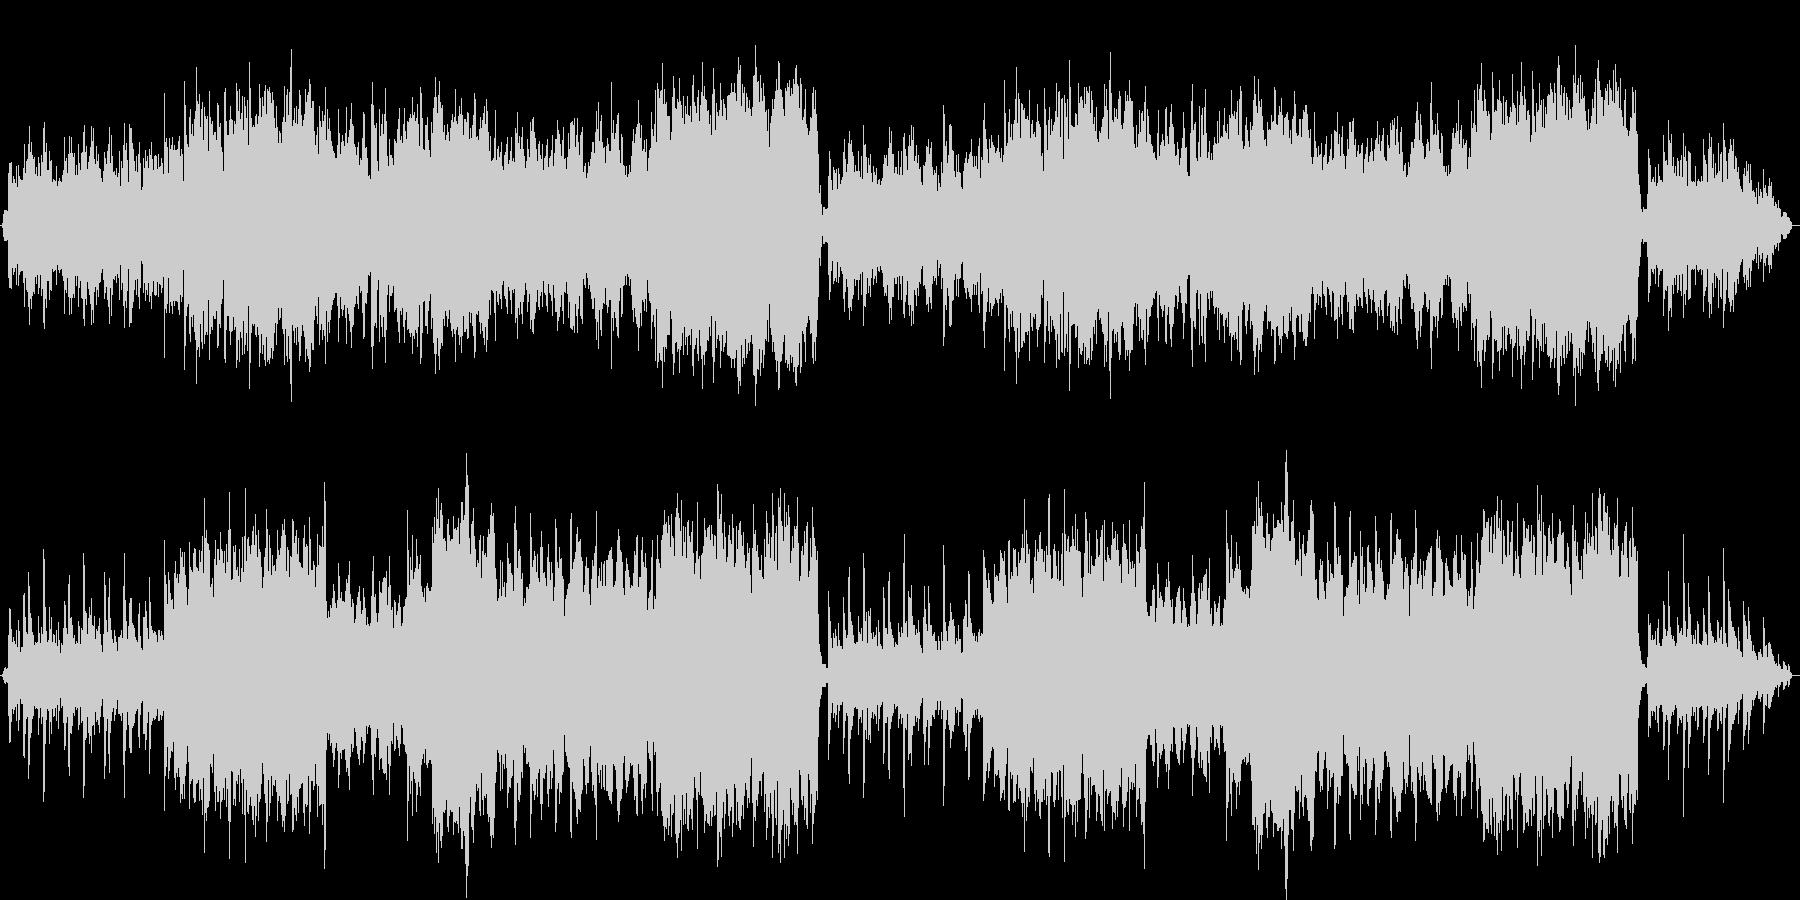 フィールドBGM_物悲しいオーケストラの未再生の波形